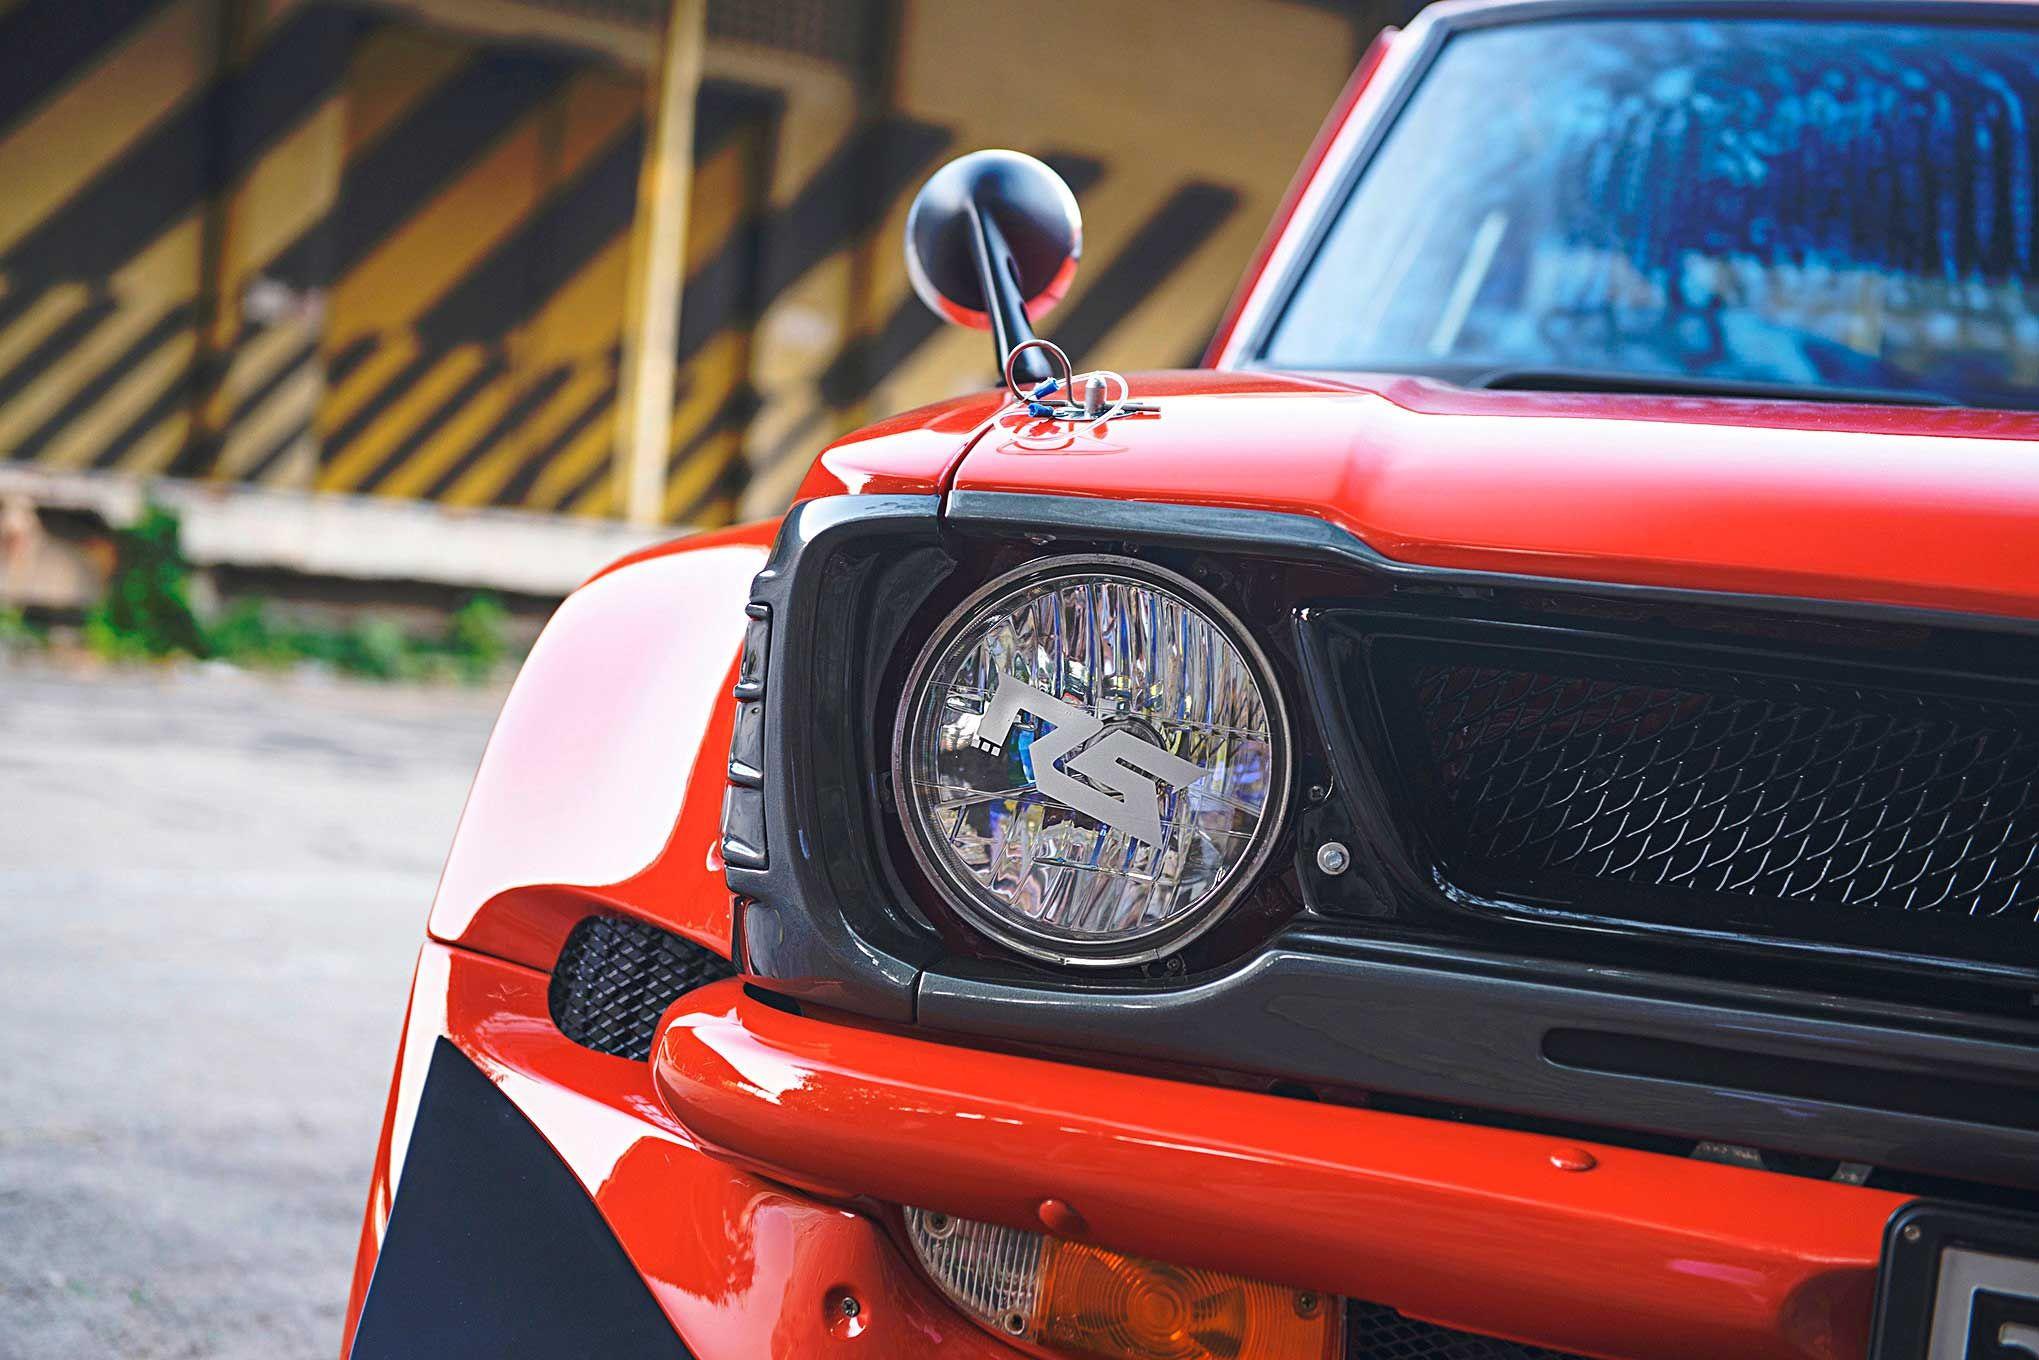 Красная Toyota Corolla KE25 на роторном 13B13